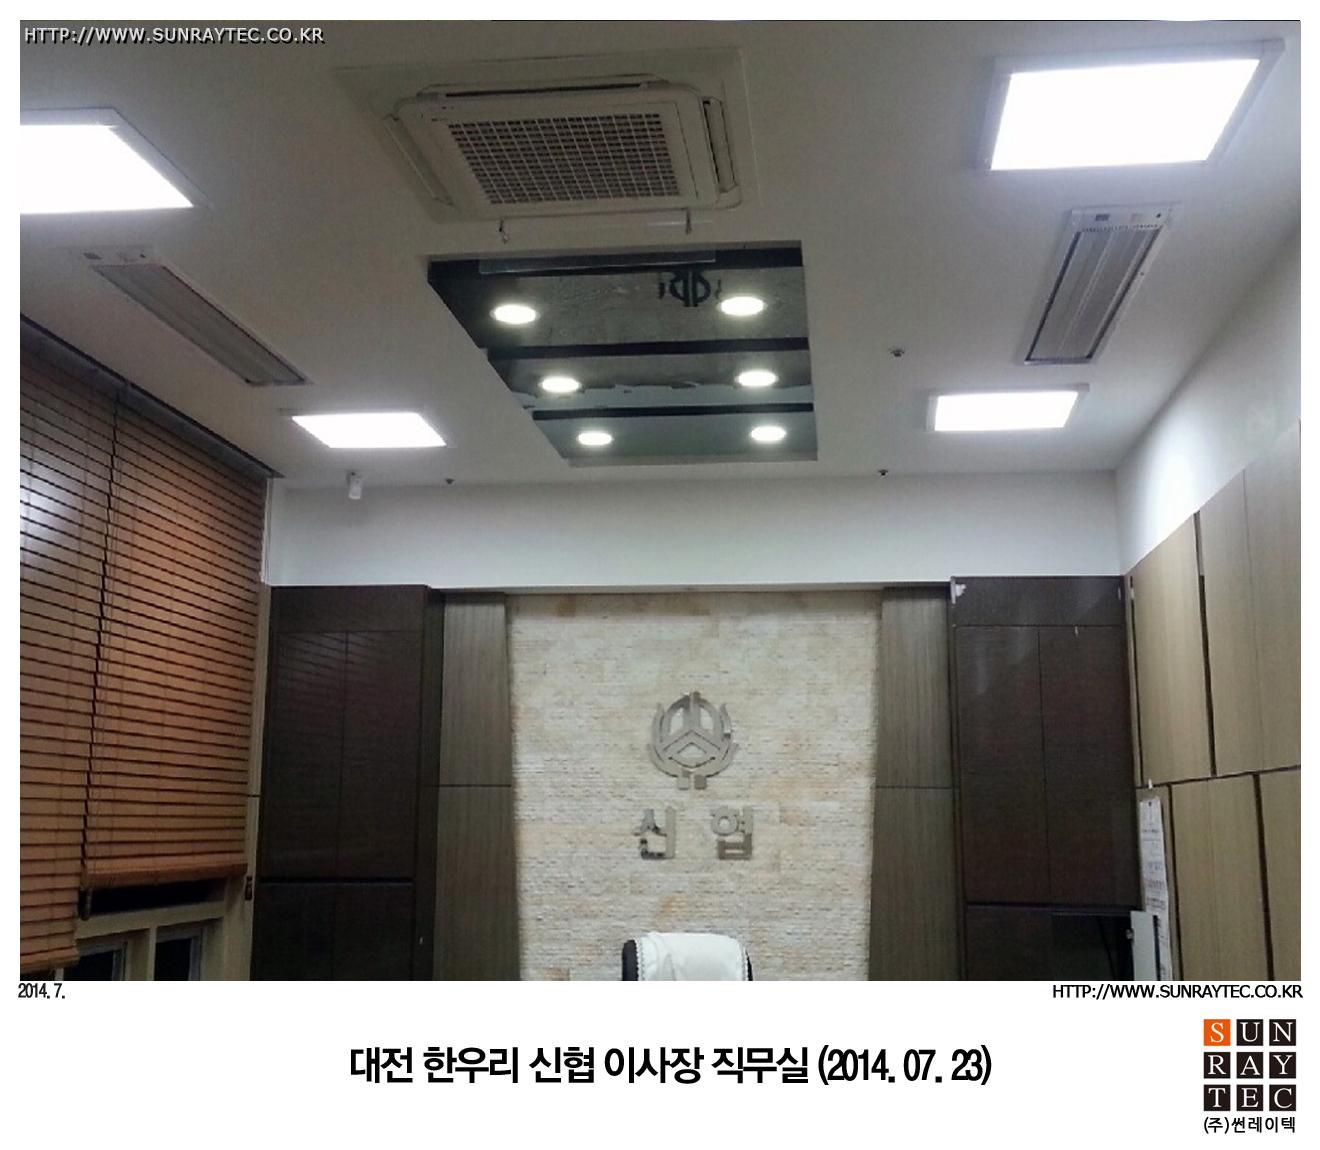 대전 신협 .jpg